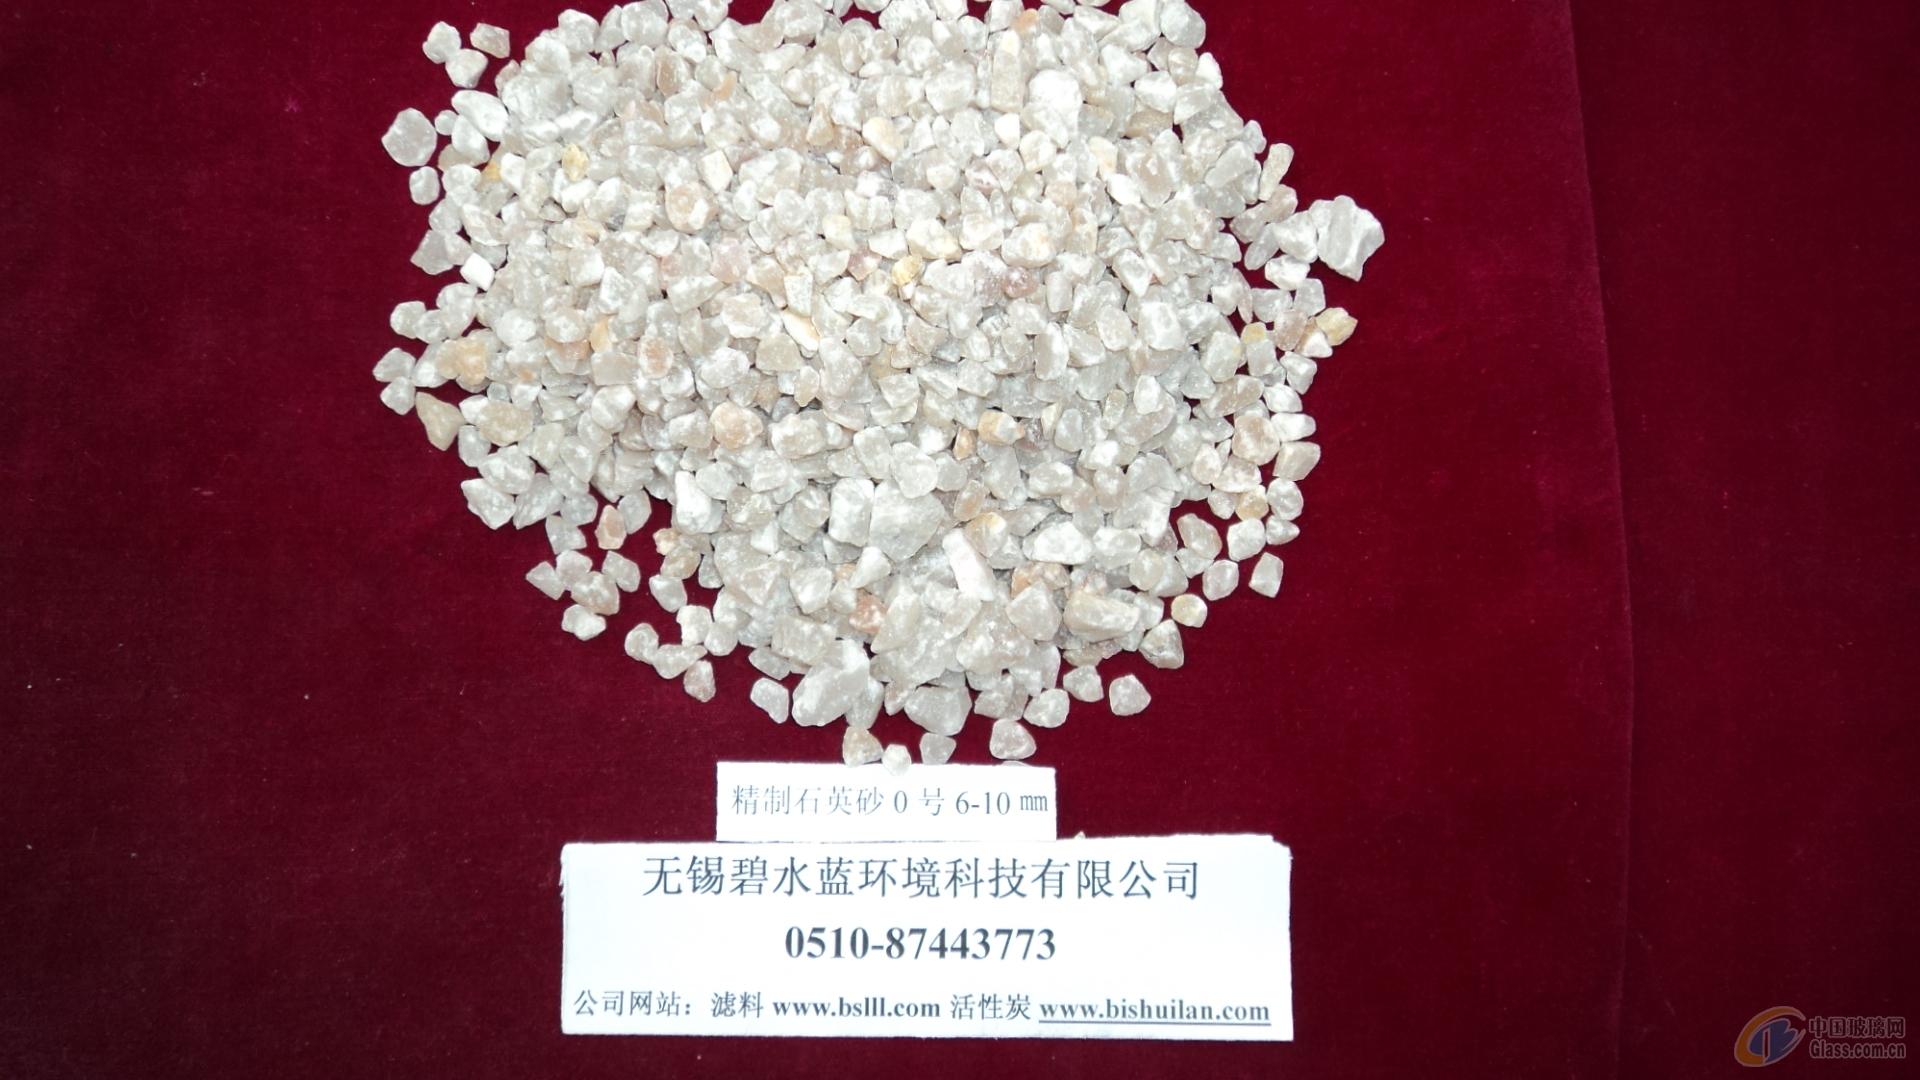 宁波石英砂供应